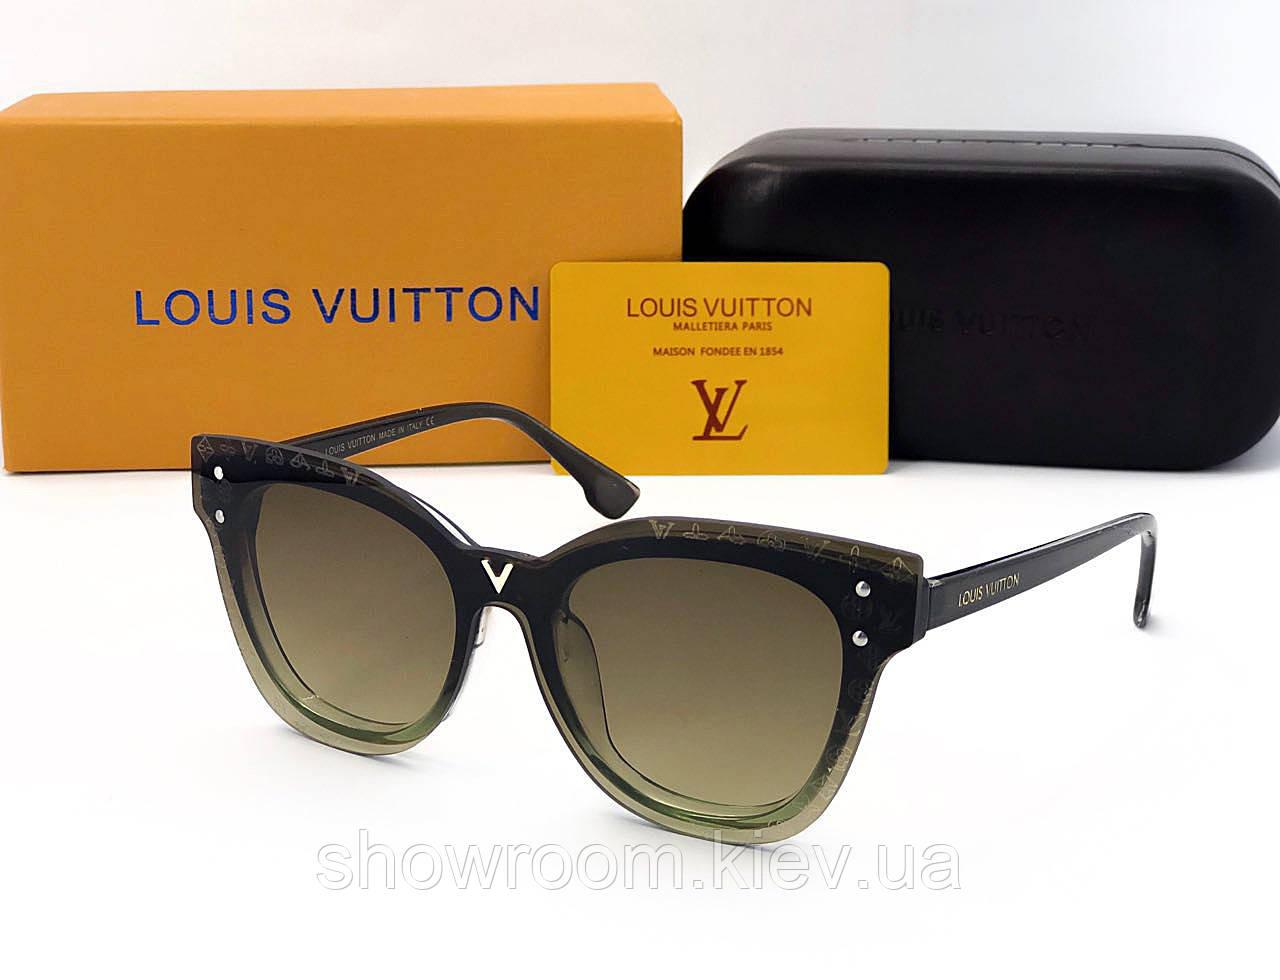 Женские солнцезащитные очки в стиле Louis Vuitton (234) green